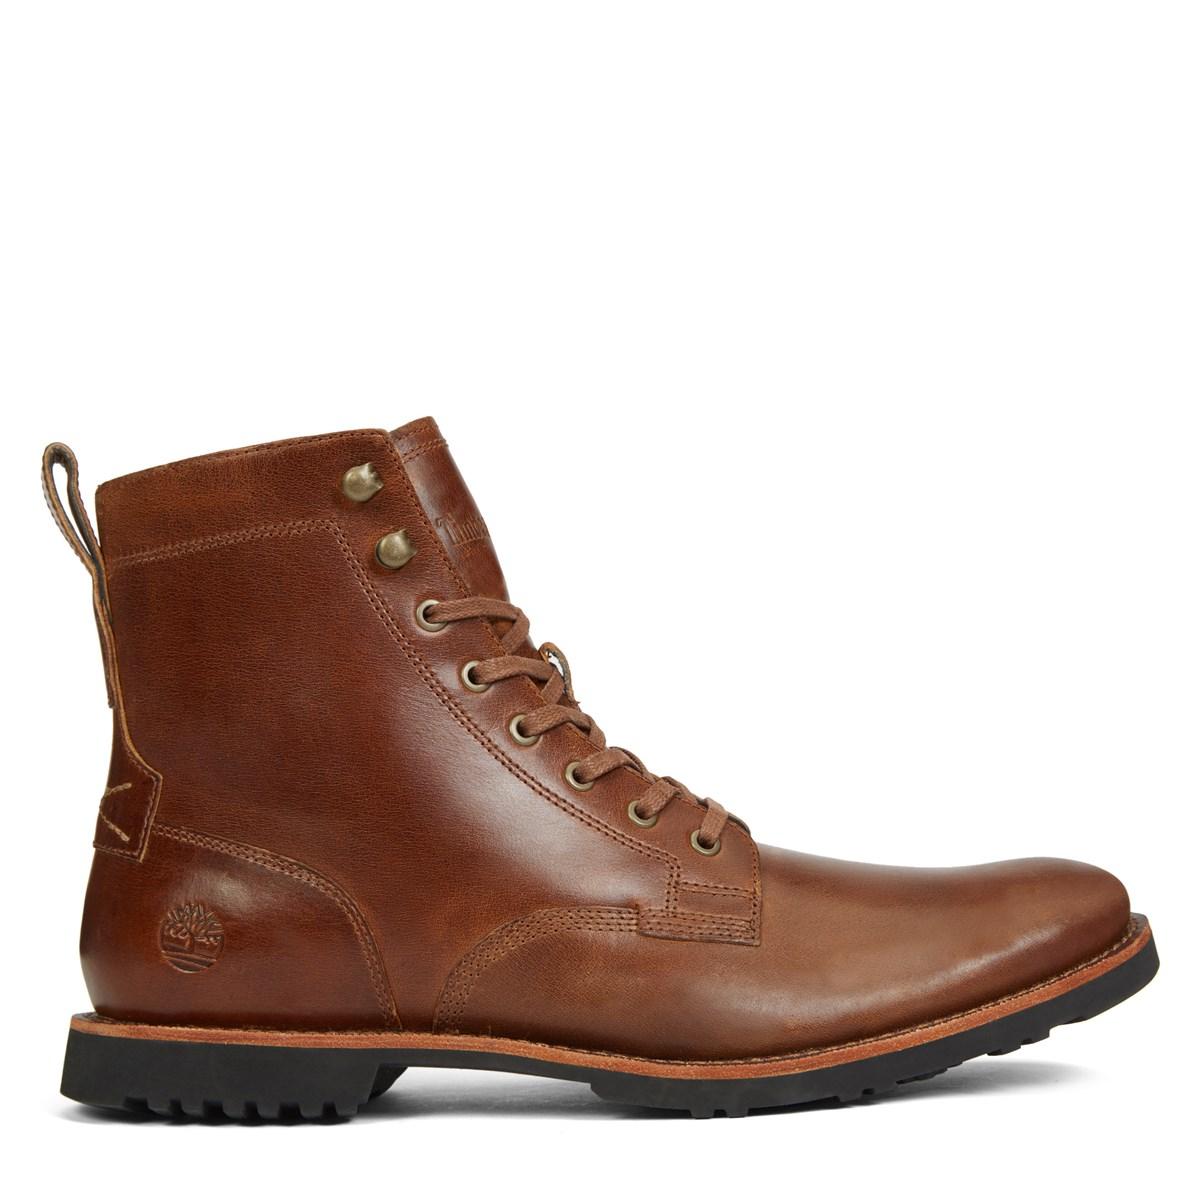 Men's Kendrick Boots in Brown